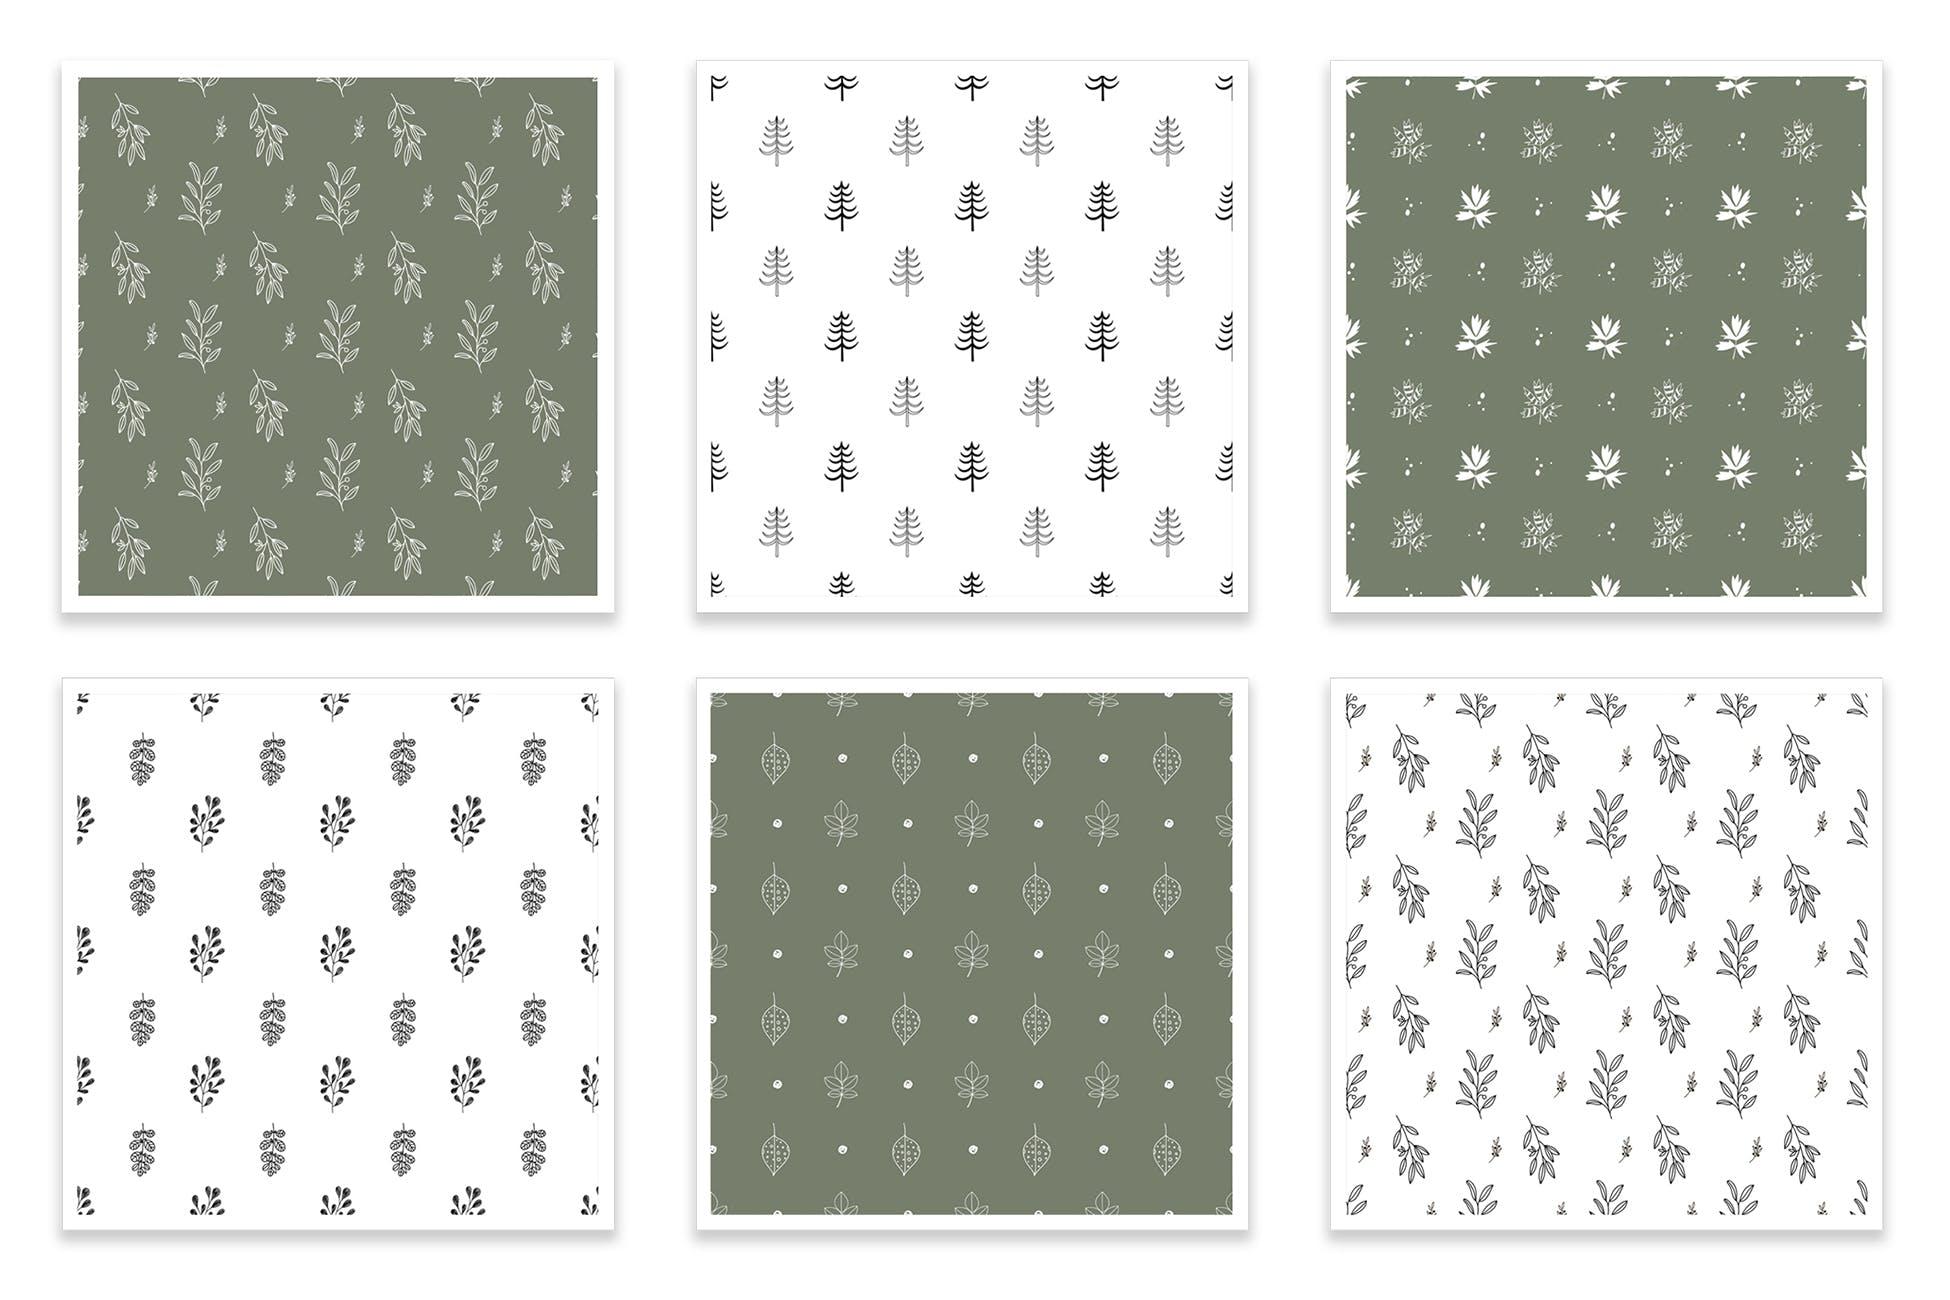 布艺创意装饰图案纹理素材下载Floral seamless patterns collection插图(1)